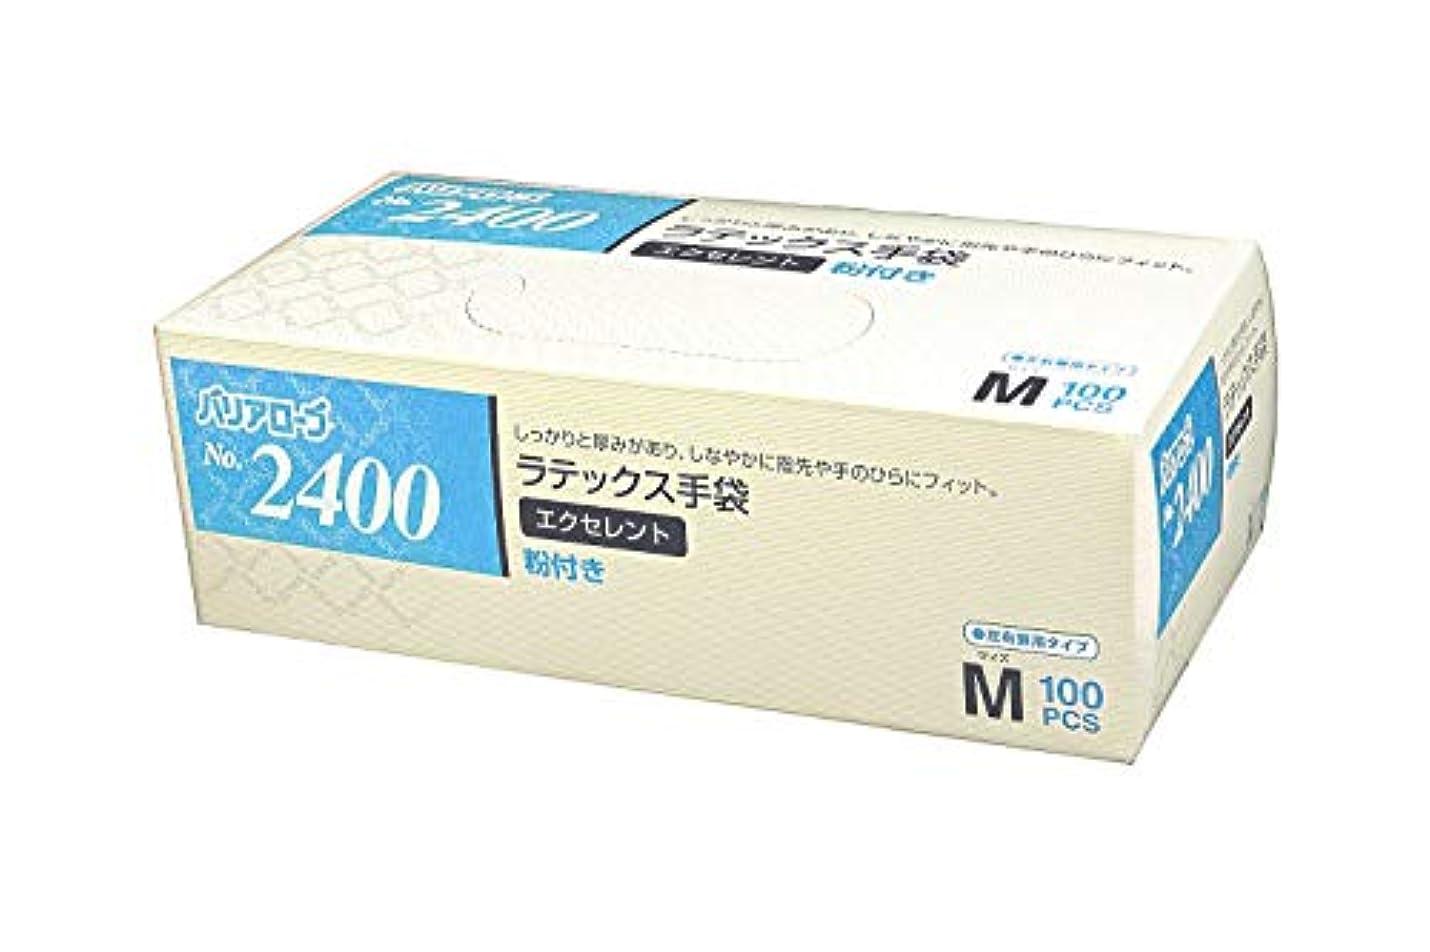 飛行場いまホールドオール【ケース販売】 バリアローブ №2400 ラテックス手袋 エクセレント (粉付き) M 2000枚(100枚×20箱)